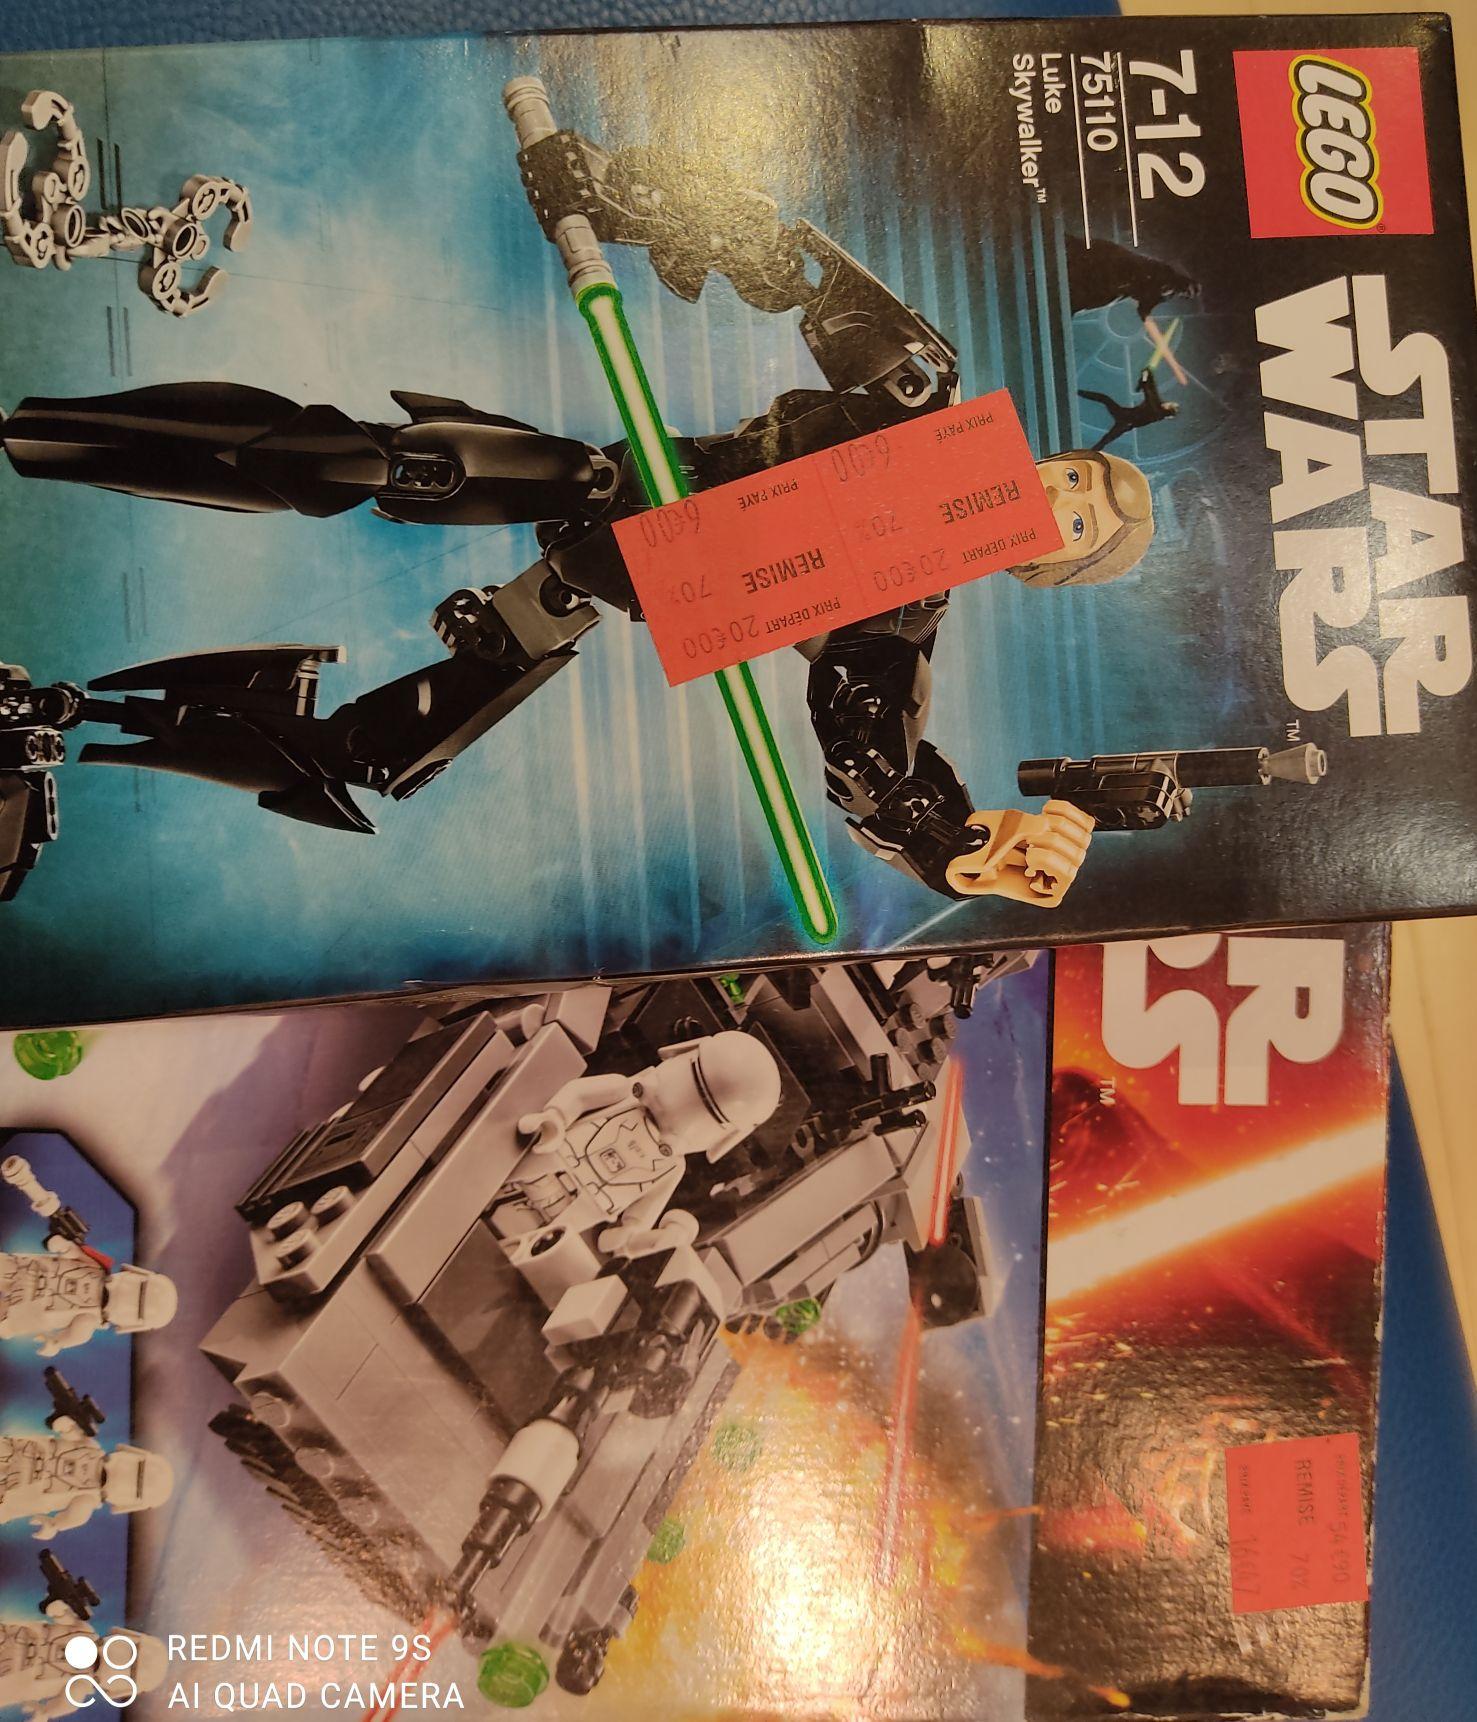 Sélection de Jouets Lego Star Wars en promotion (ex : Luke Skywalker) - Évry 2 (91)